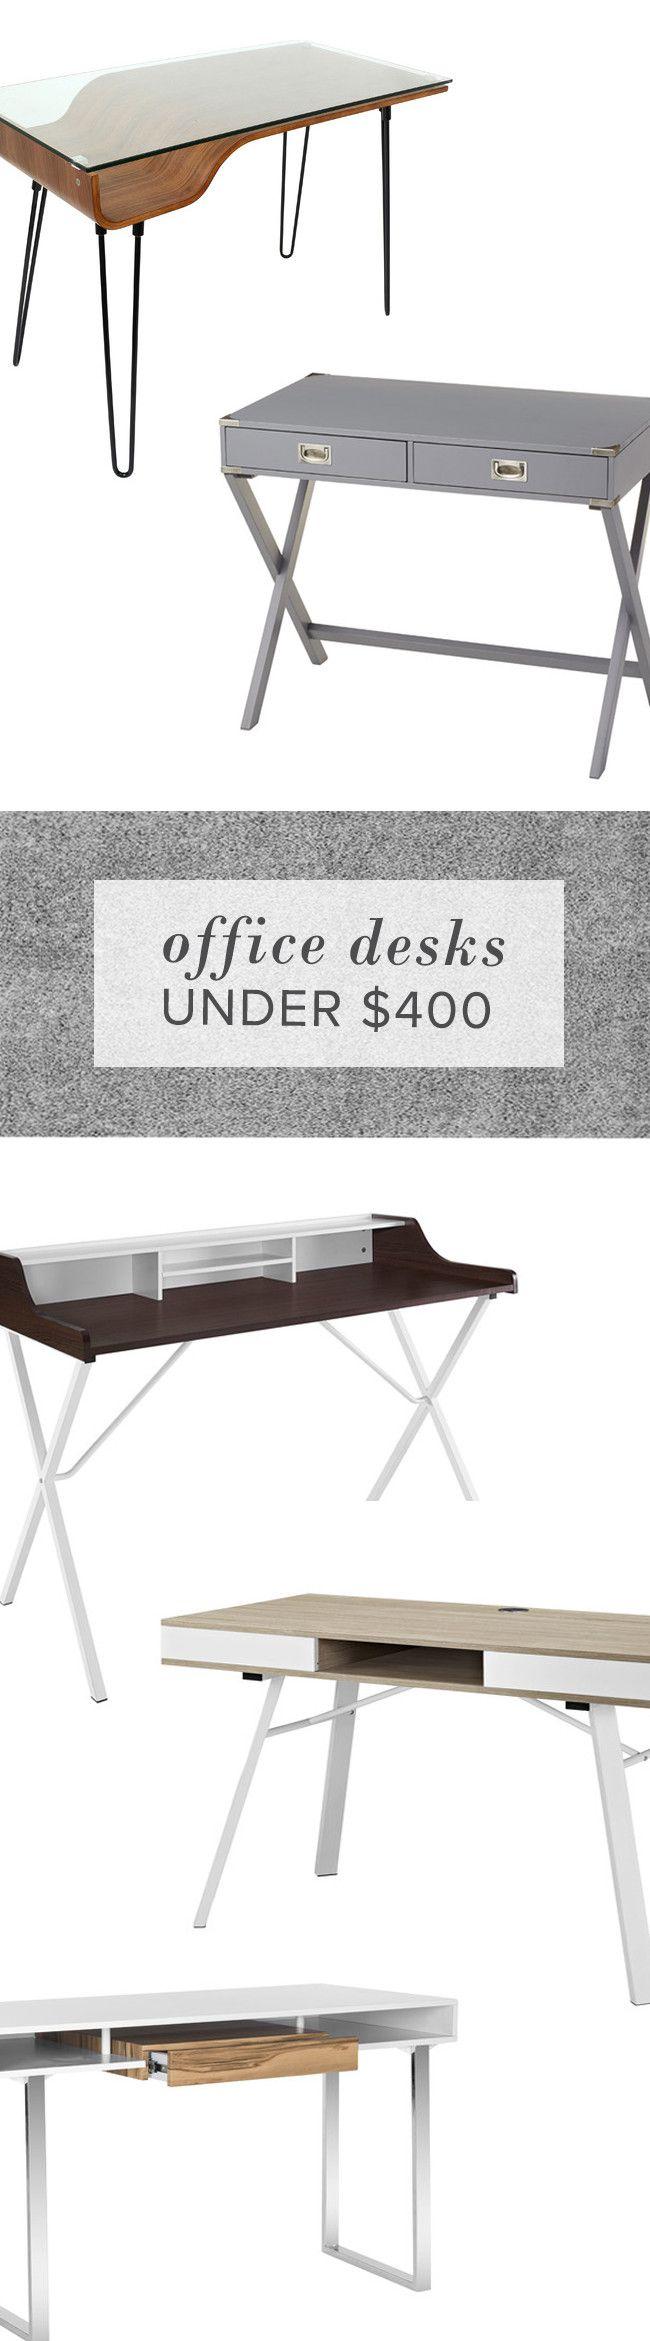 151 best images about office furniture on pinterest diy. Black Bedroom Furniture Sets. Home Design Ideas